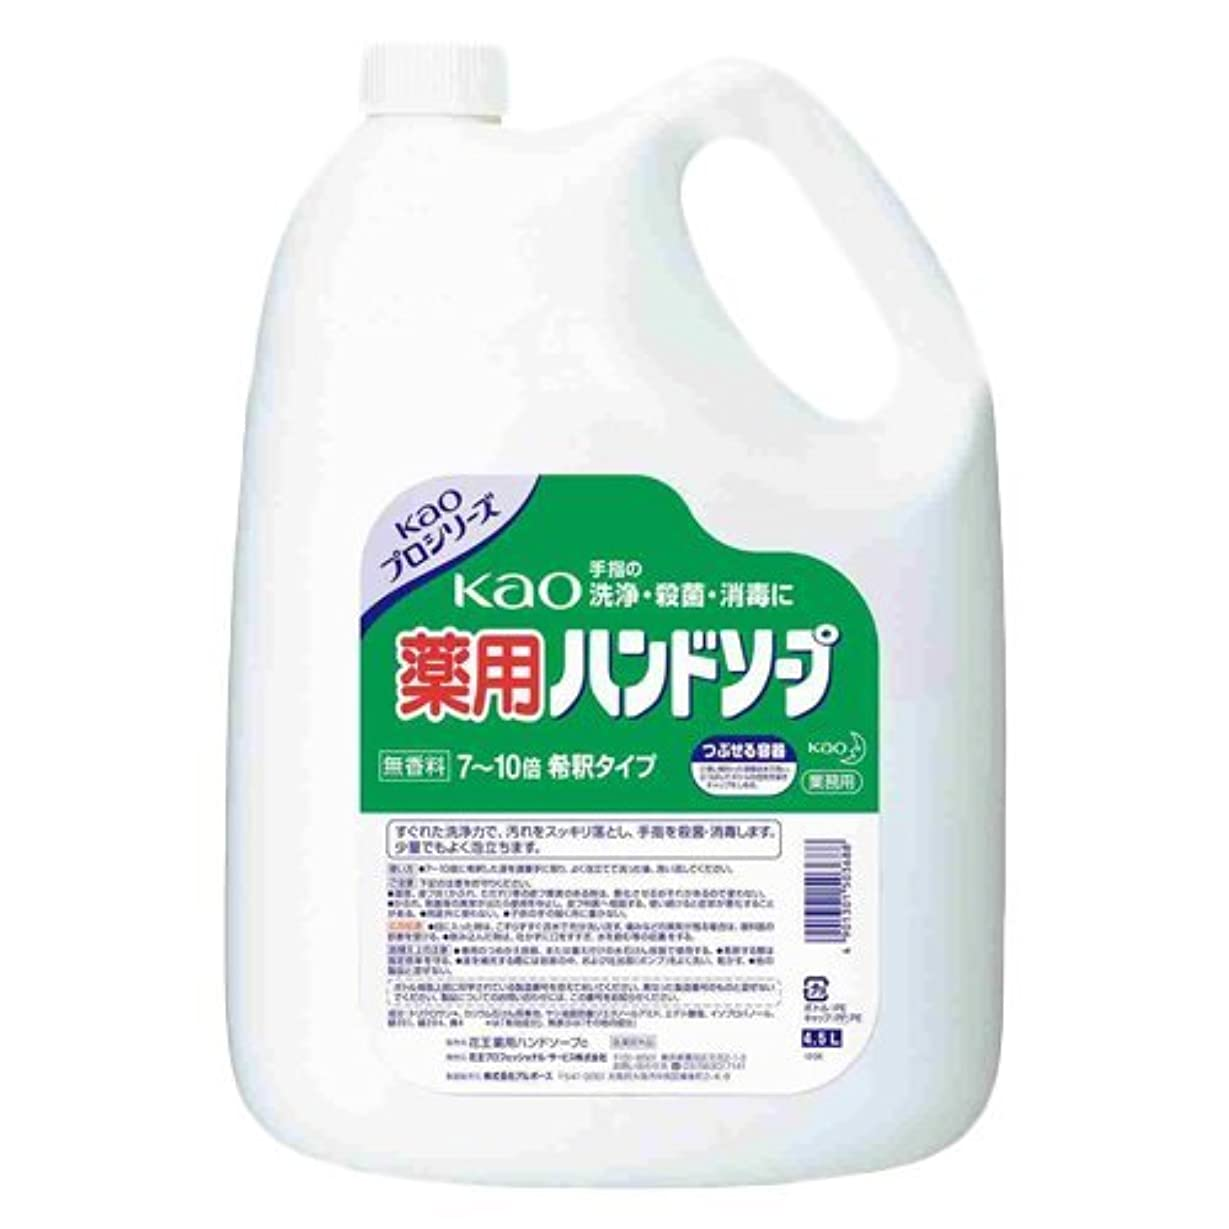 花王 薬用ハンドソープ 4.5L 梱販売用